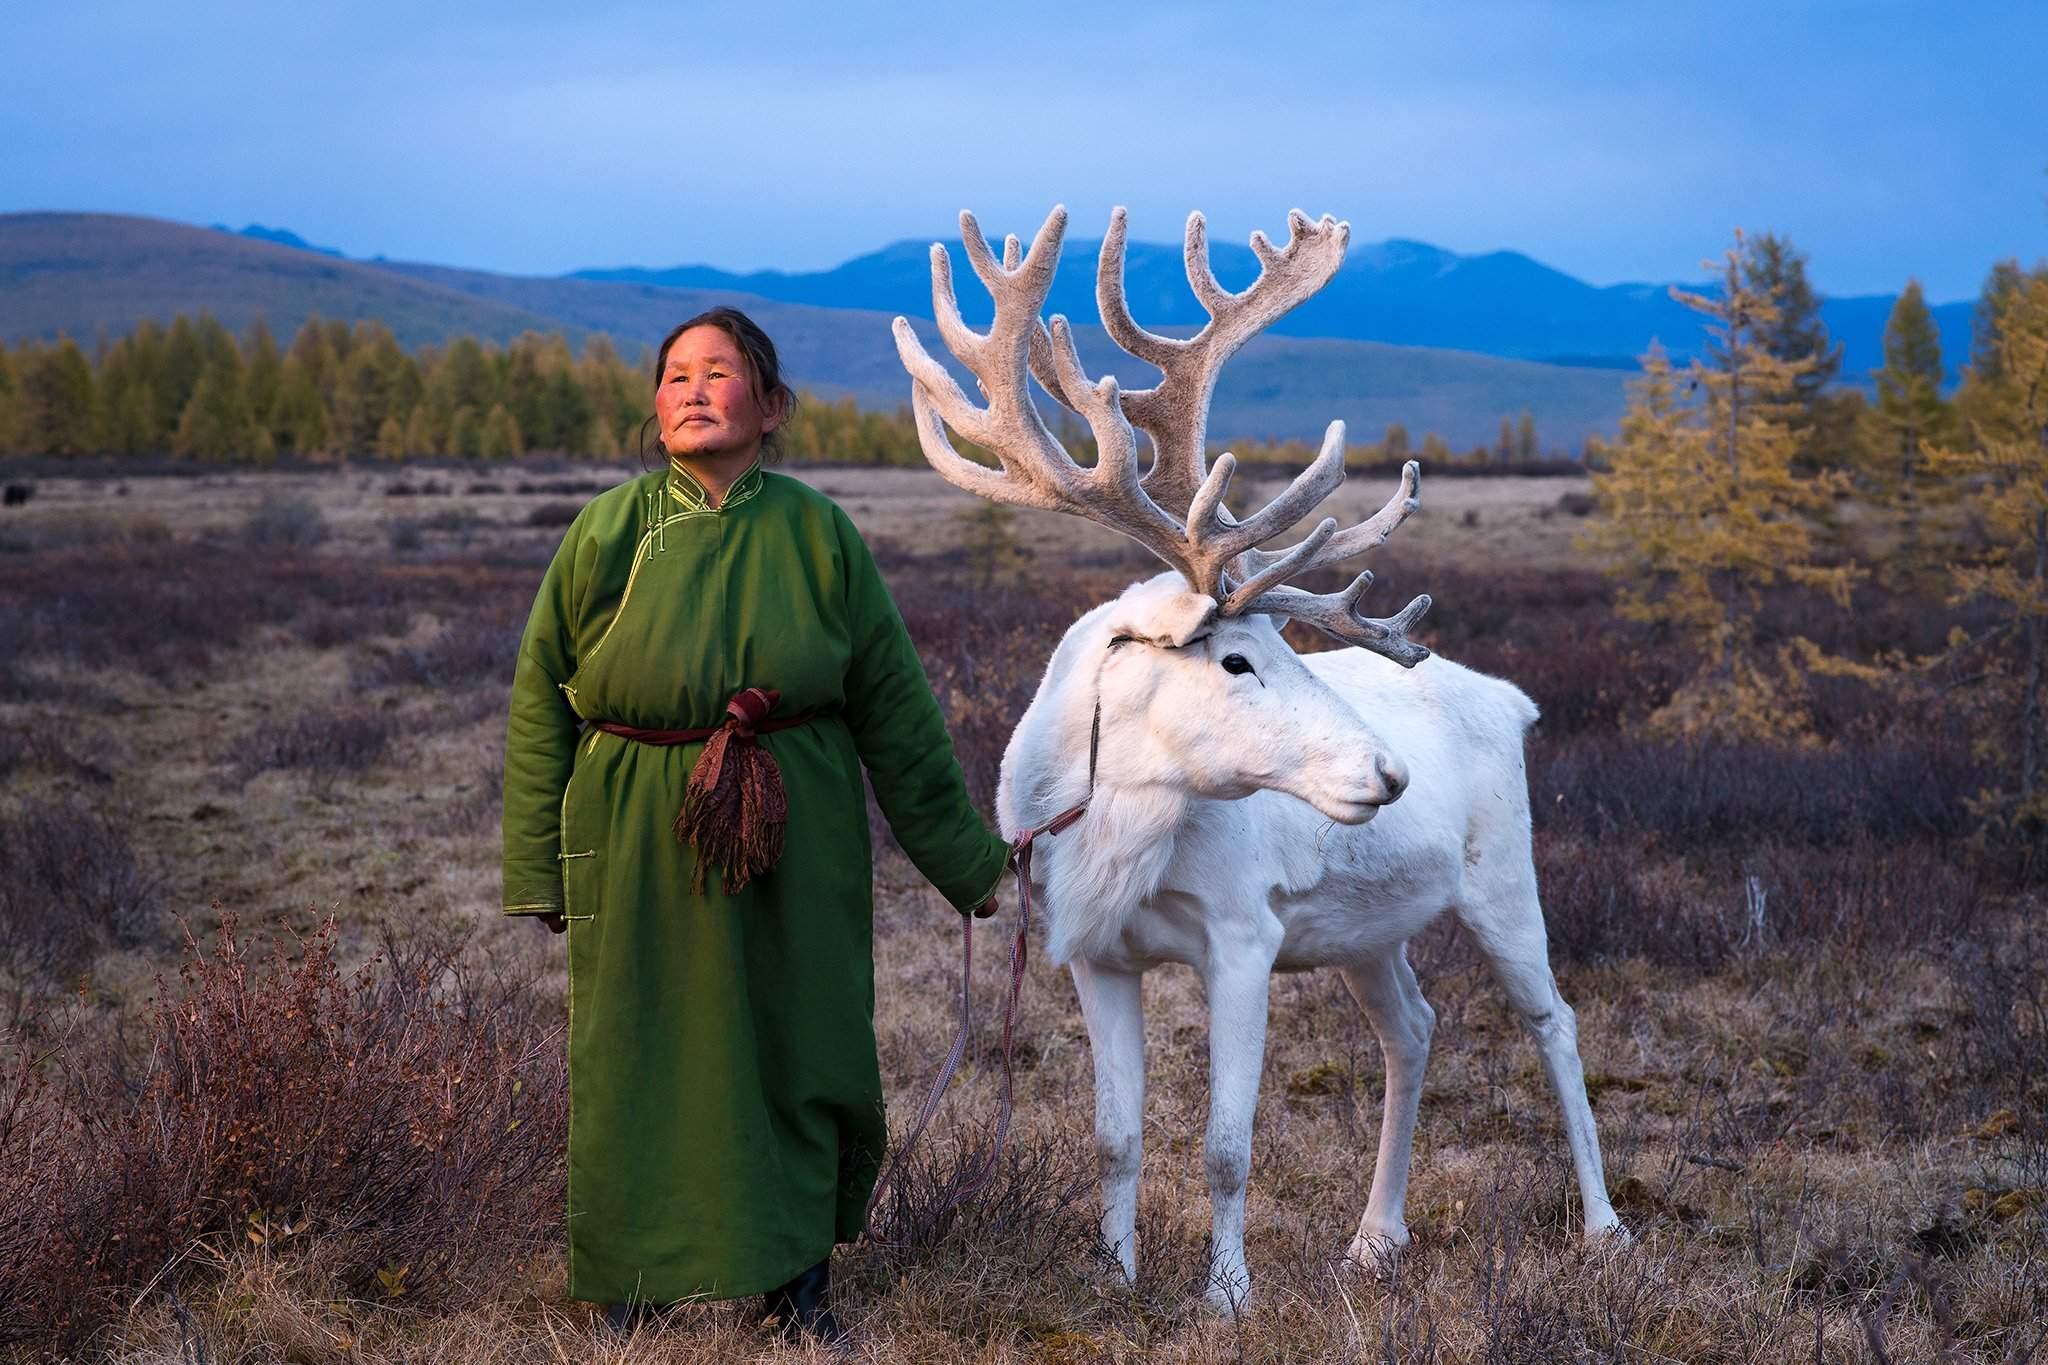 Цаатнууд Монголын хойд хэсэгт нүүдэллэн амьдардаг.